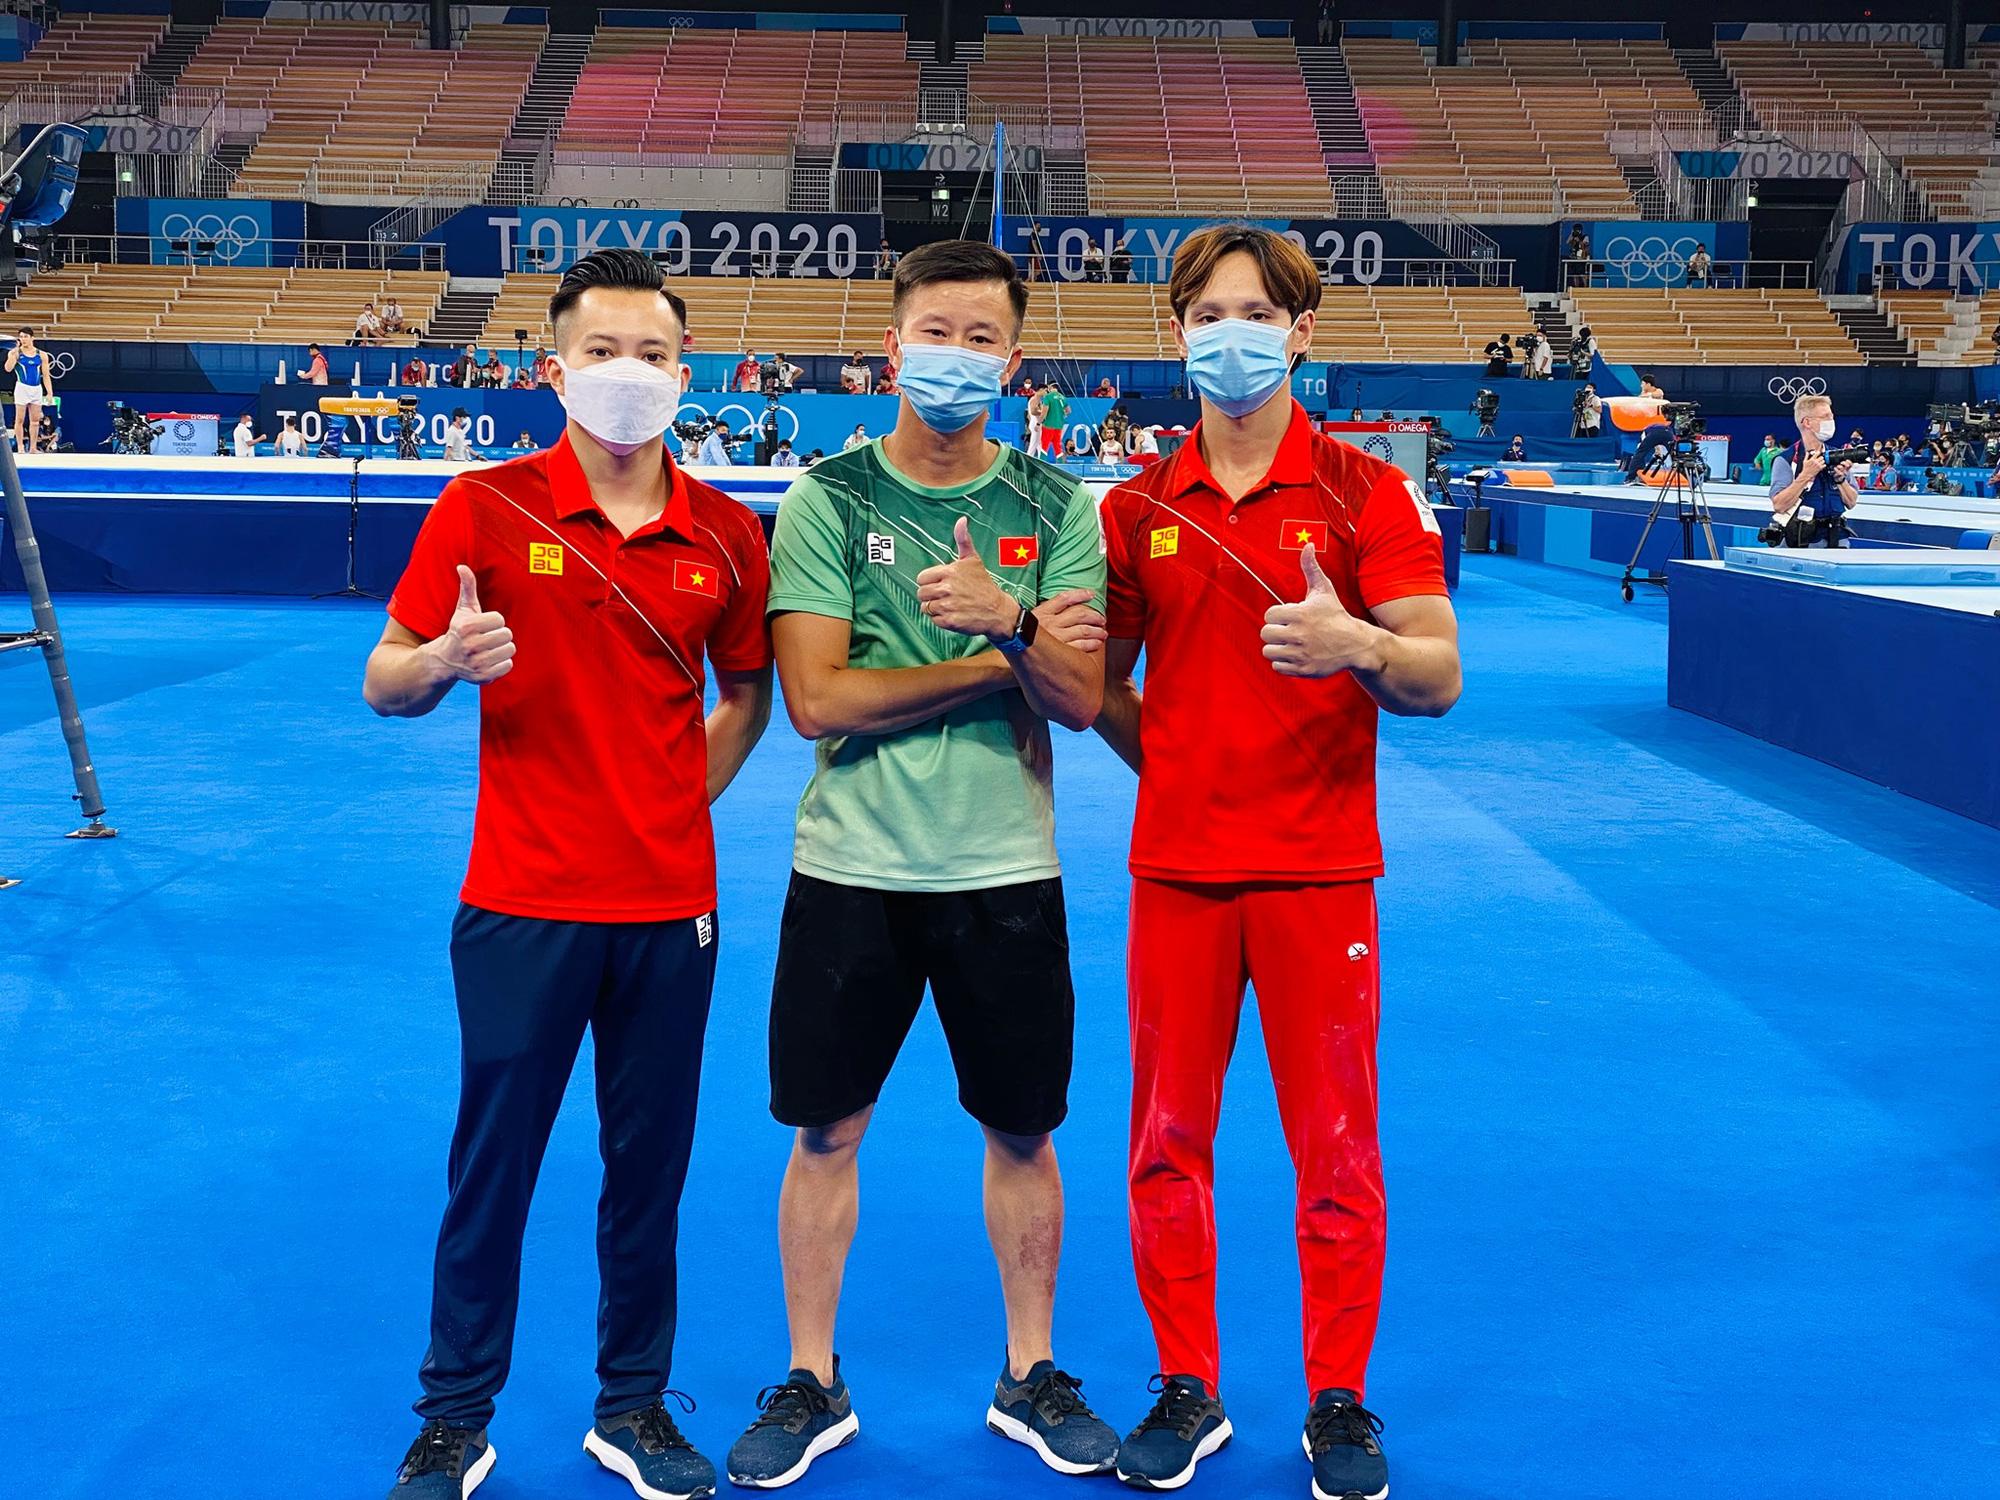 Đoàn thể thao Việt Nam ăn nhanh, rút nhanh phòng dịch Covid-19 ở Olympic Tokyo 2020 - Ảnh 2.